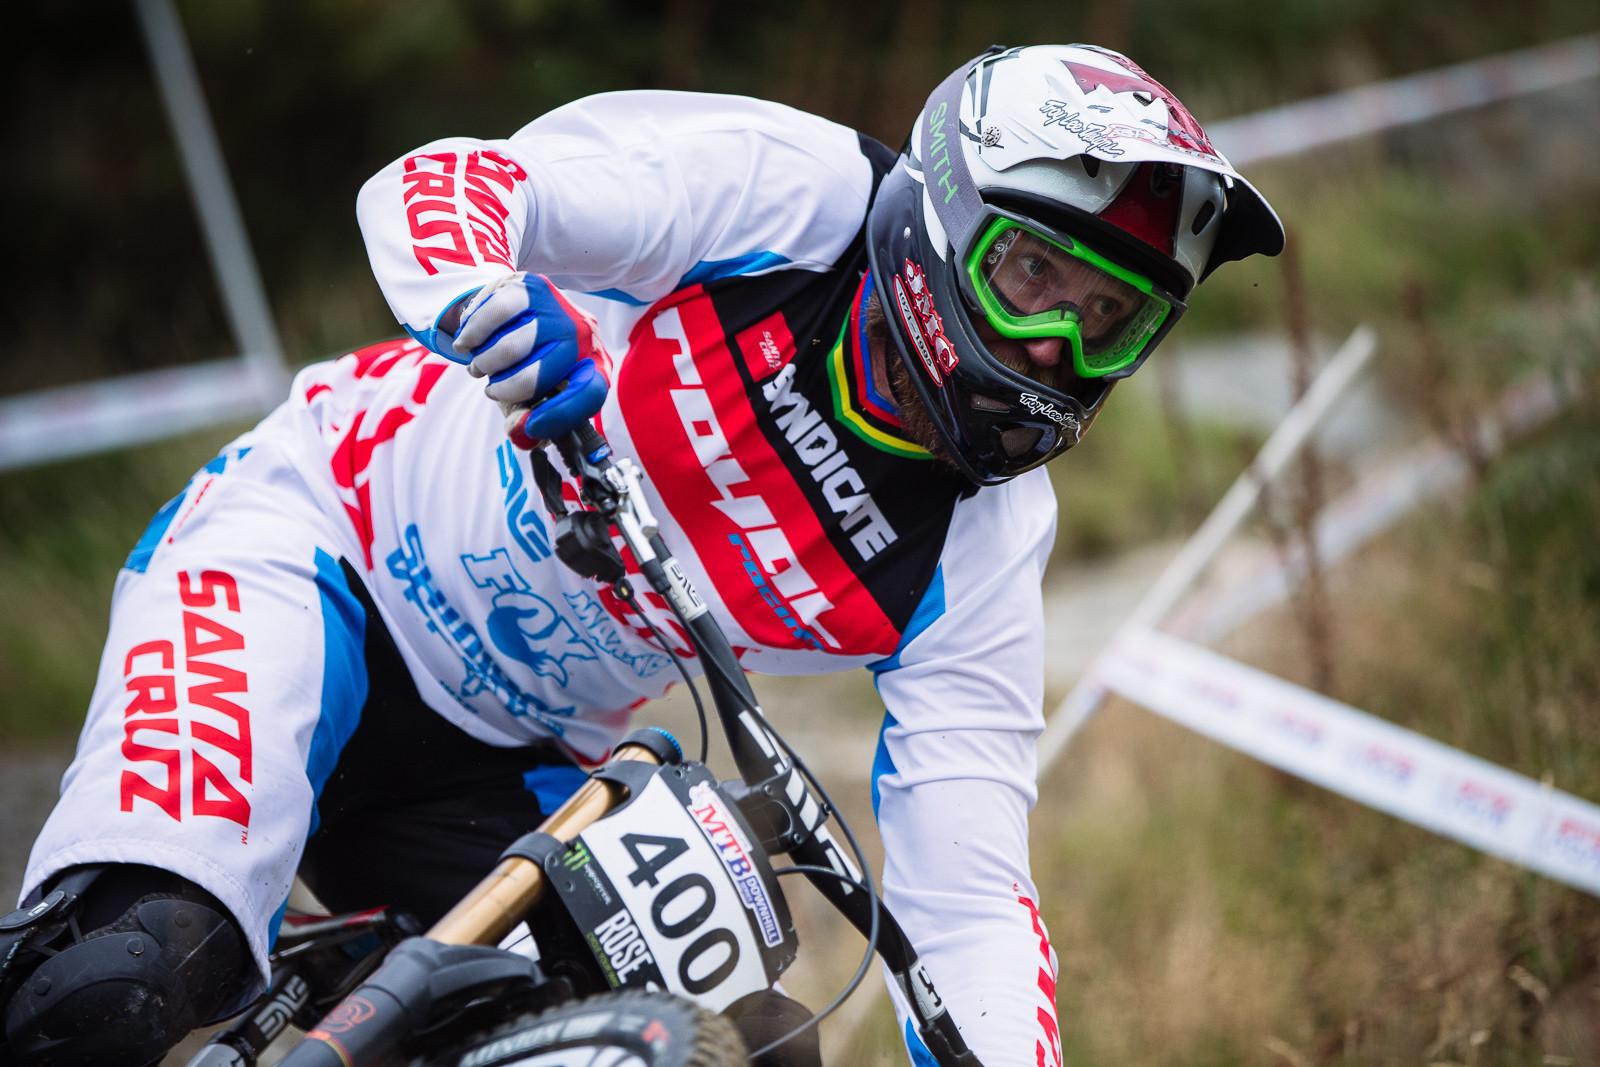 Steve Peat, 2015 British Downhill Series Finals, Antur Stiniog - 2015 British Downhill Series Finals - Mountain Biking Pictures - Vital MTB